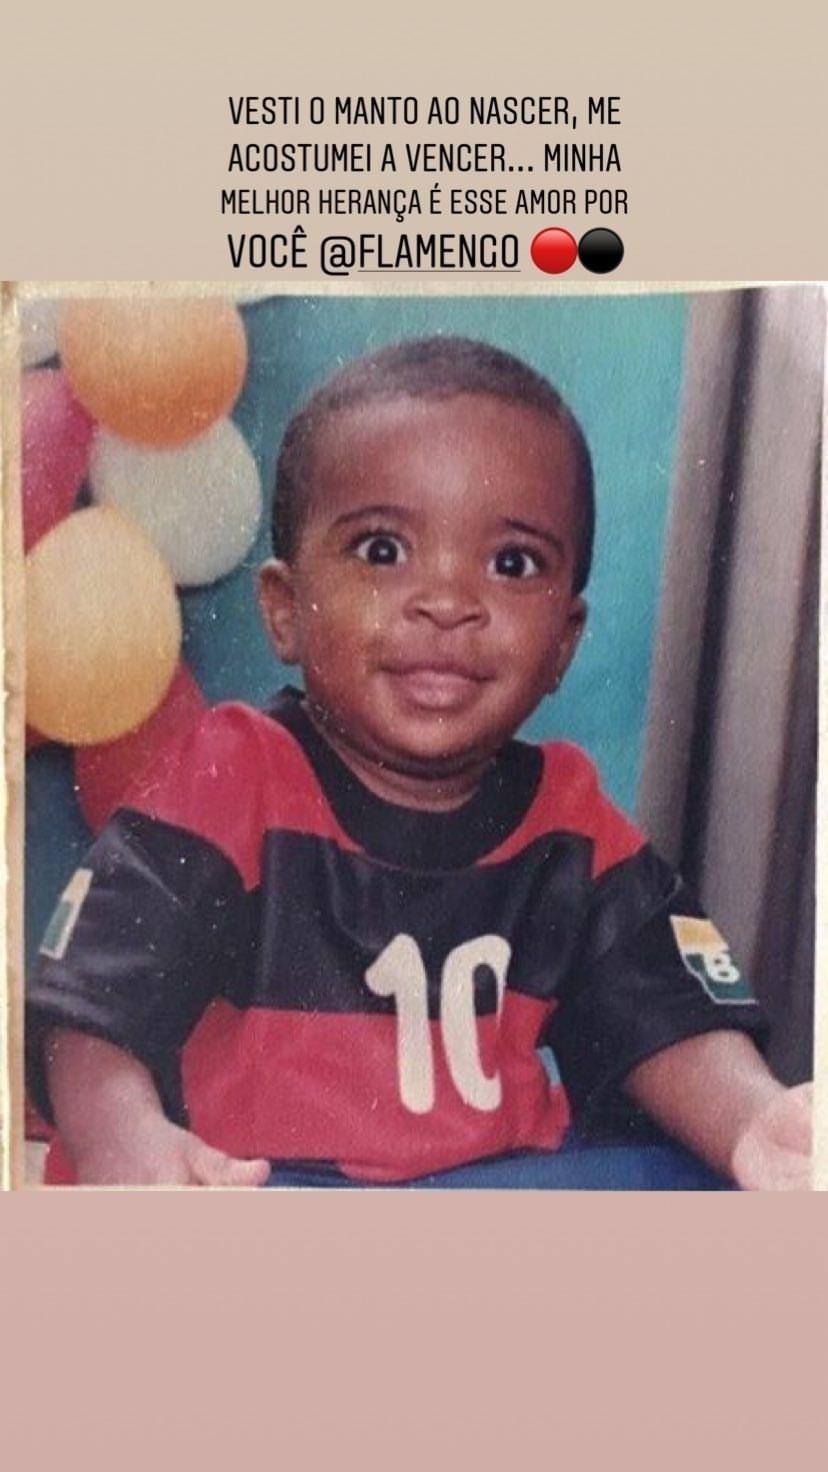 Vinicius Júnior posta foto com camisa do Flamengo quando criança